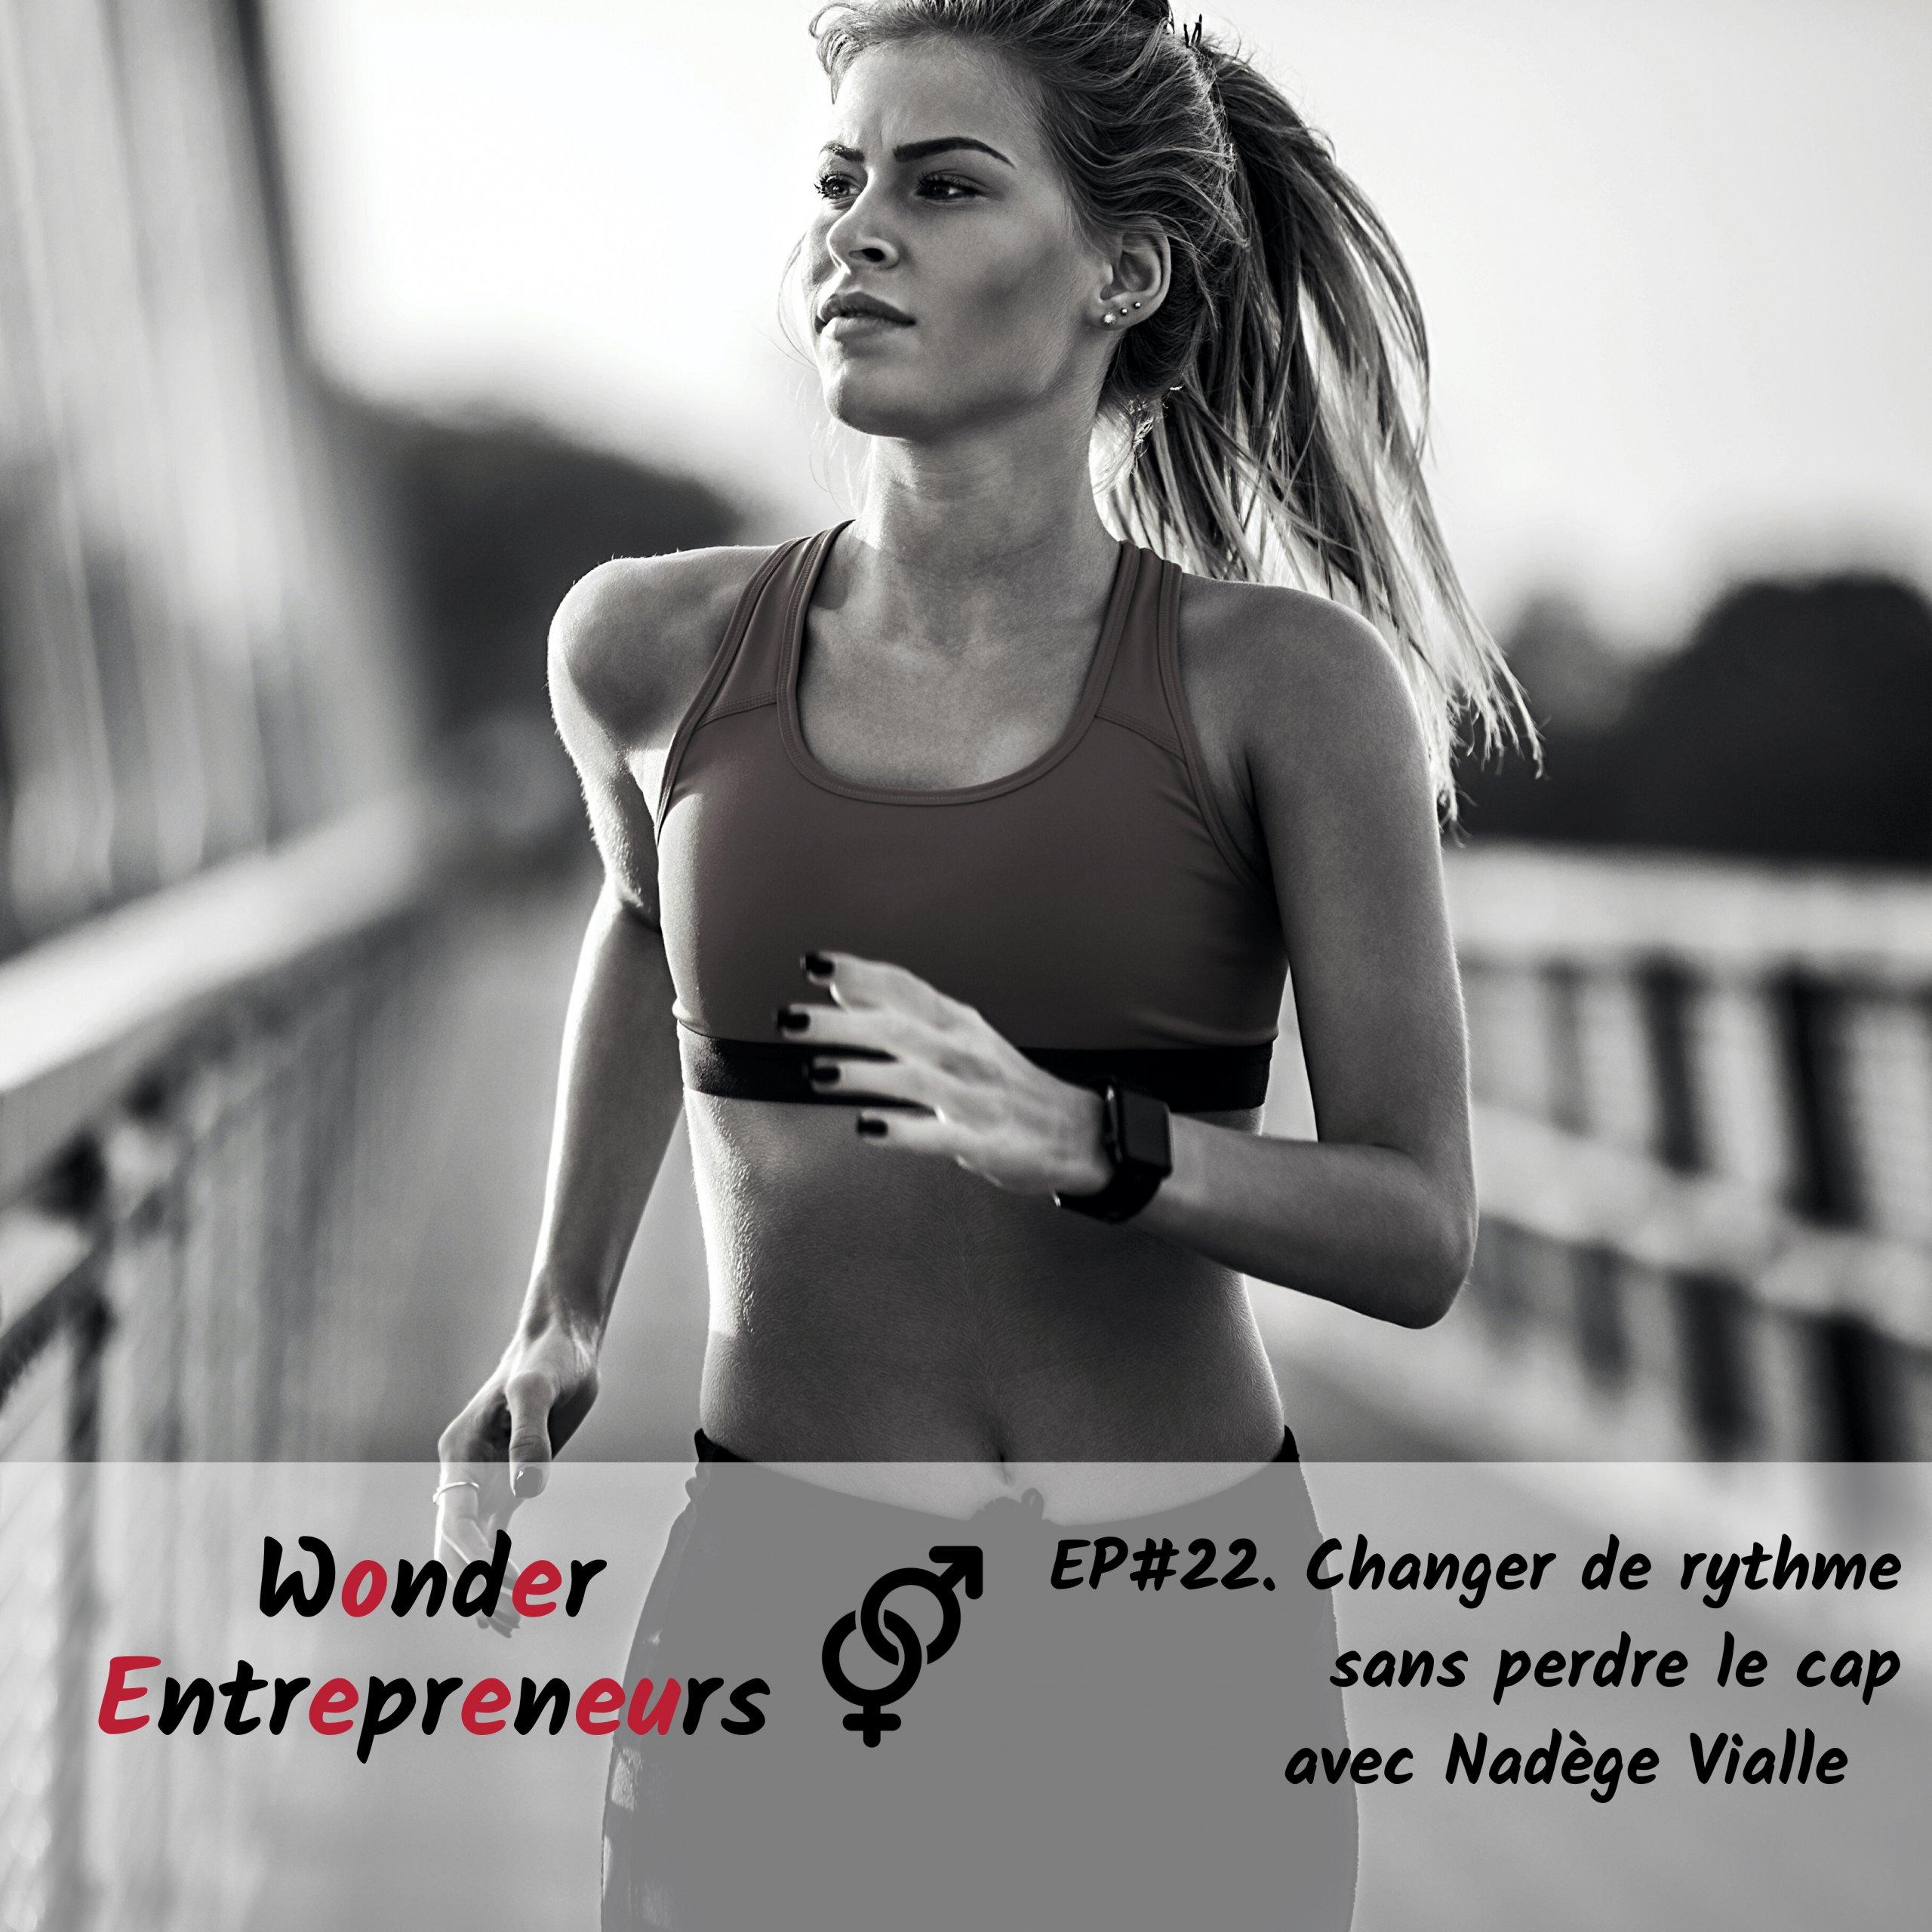 Ep 22 Podcast Wonder Entrepreneurs Changer de rythme sans changer de cap